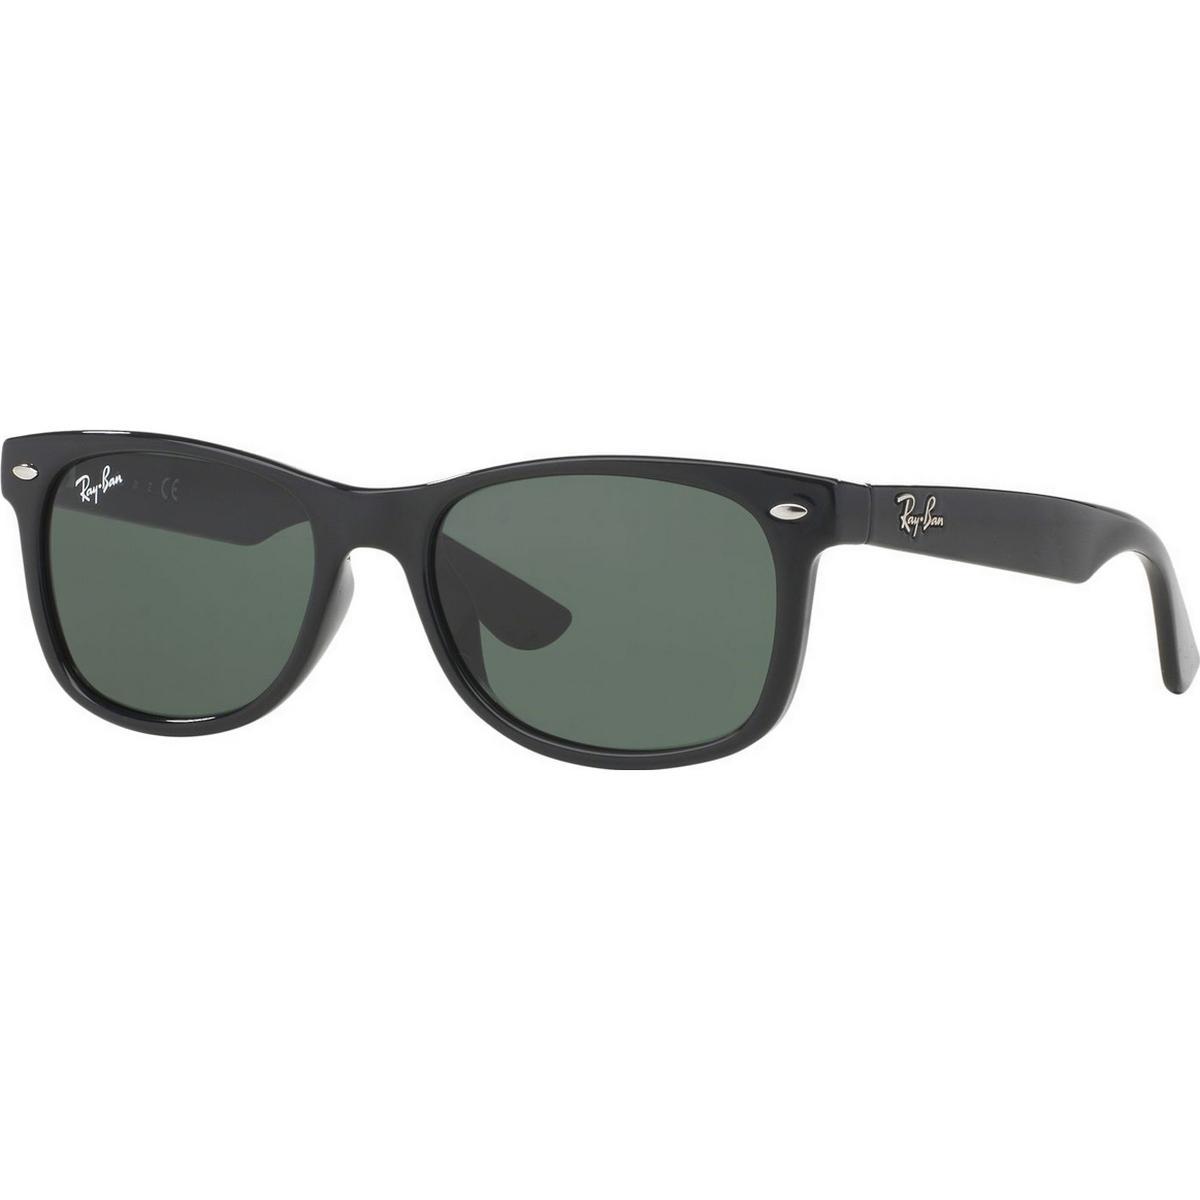 024d93e1c54 Børne solbriller - Sammenlign priser hos PriceRunner